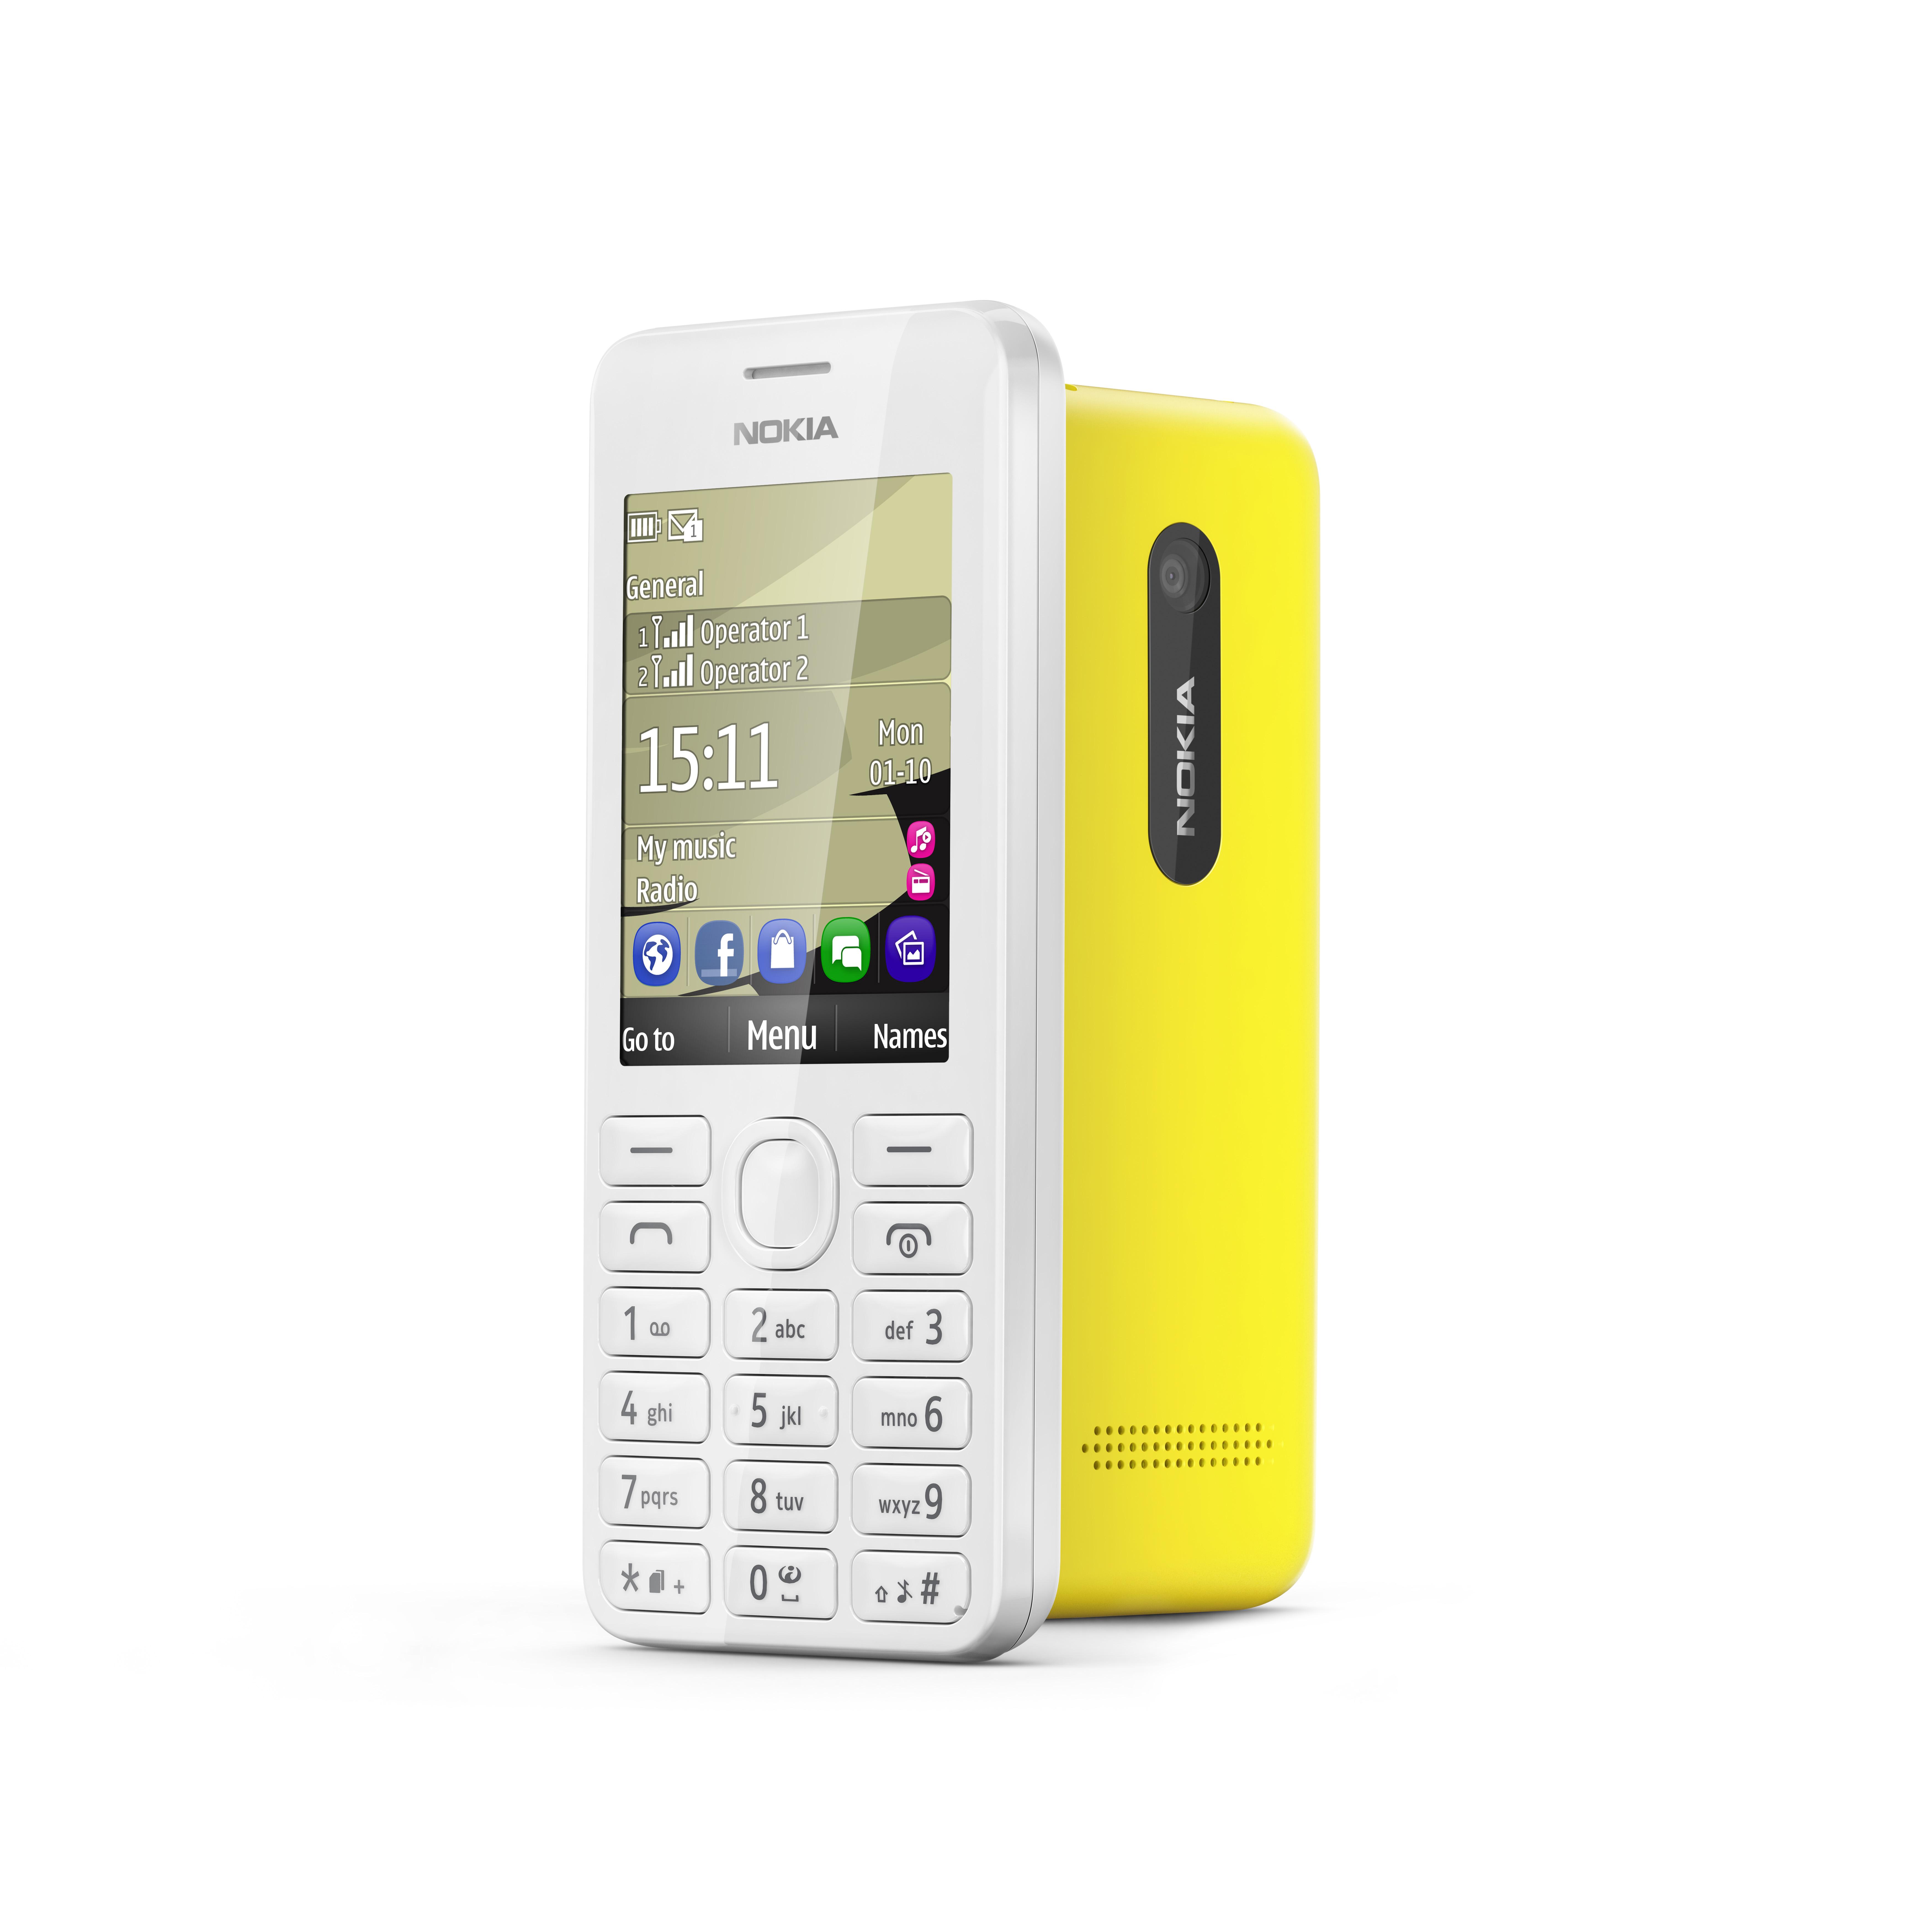 Nokia Asha 206 - prosty, tani telefon kom�rkowy z systemem S40 i Dual SIM